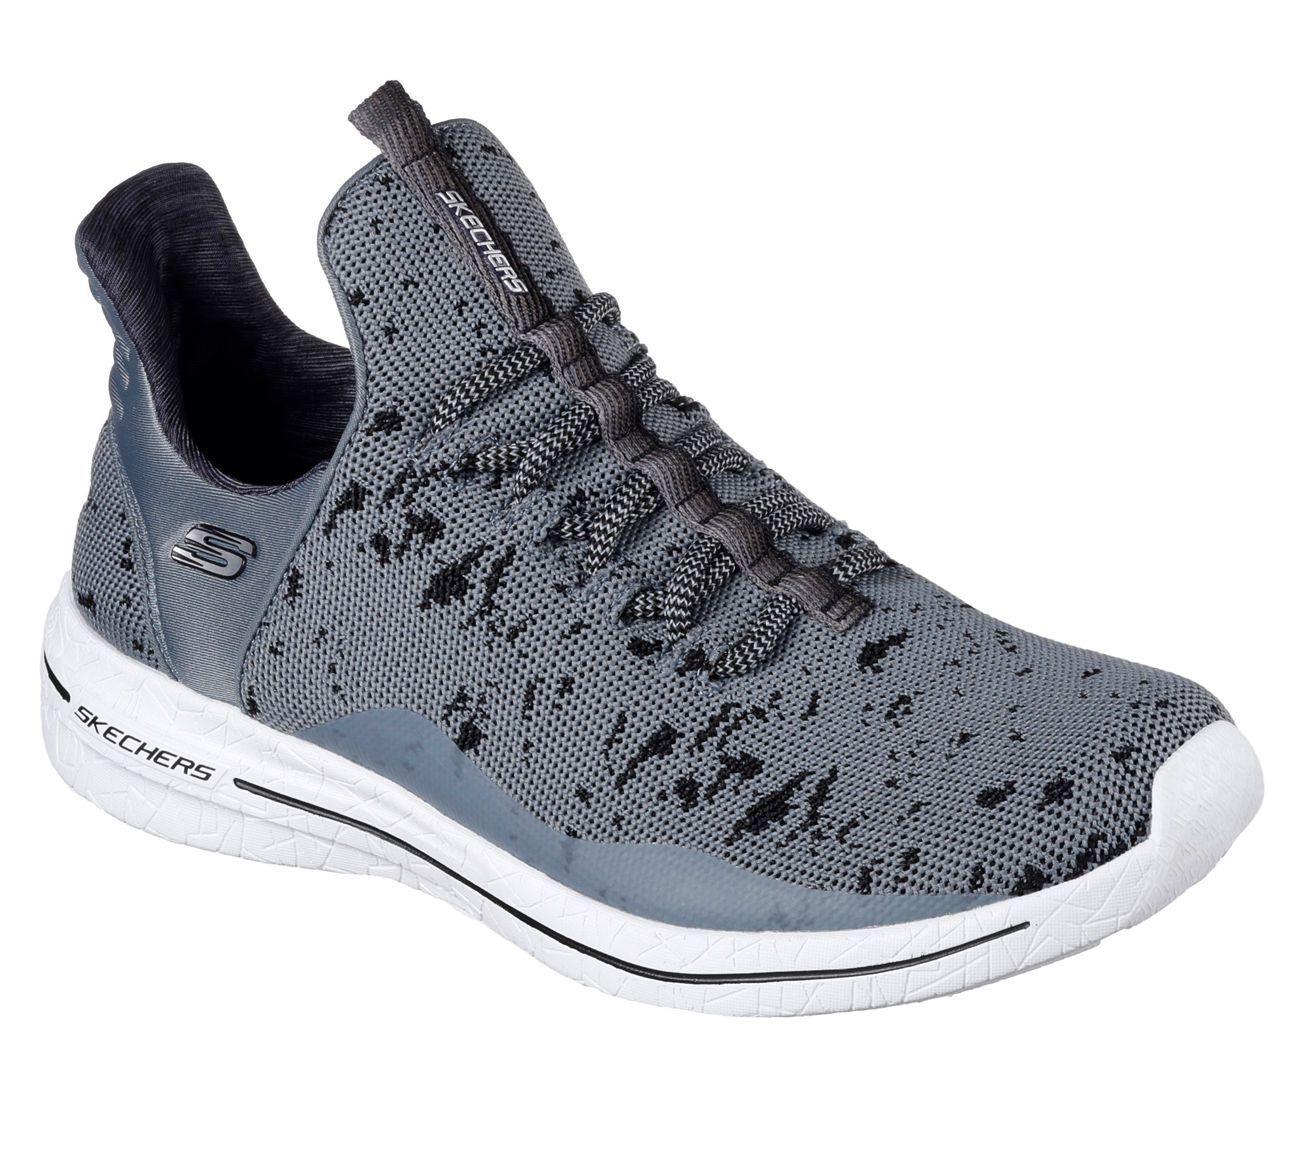 Sport Women's Flex Appeal 2.0-Done Deal Zapatillas de moda, Negro / Blanco, 5.5 M US